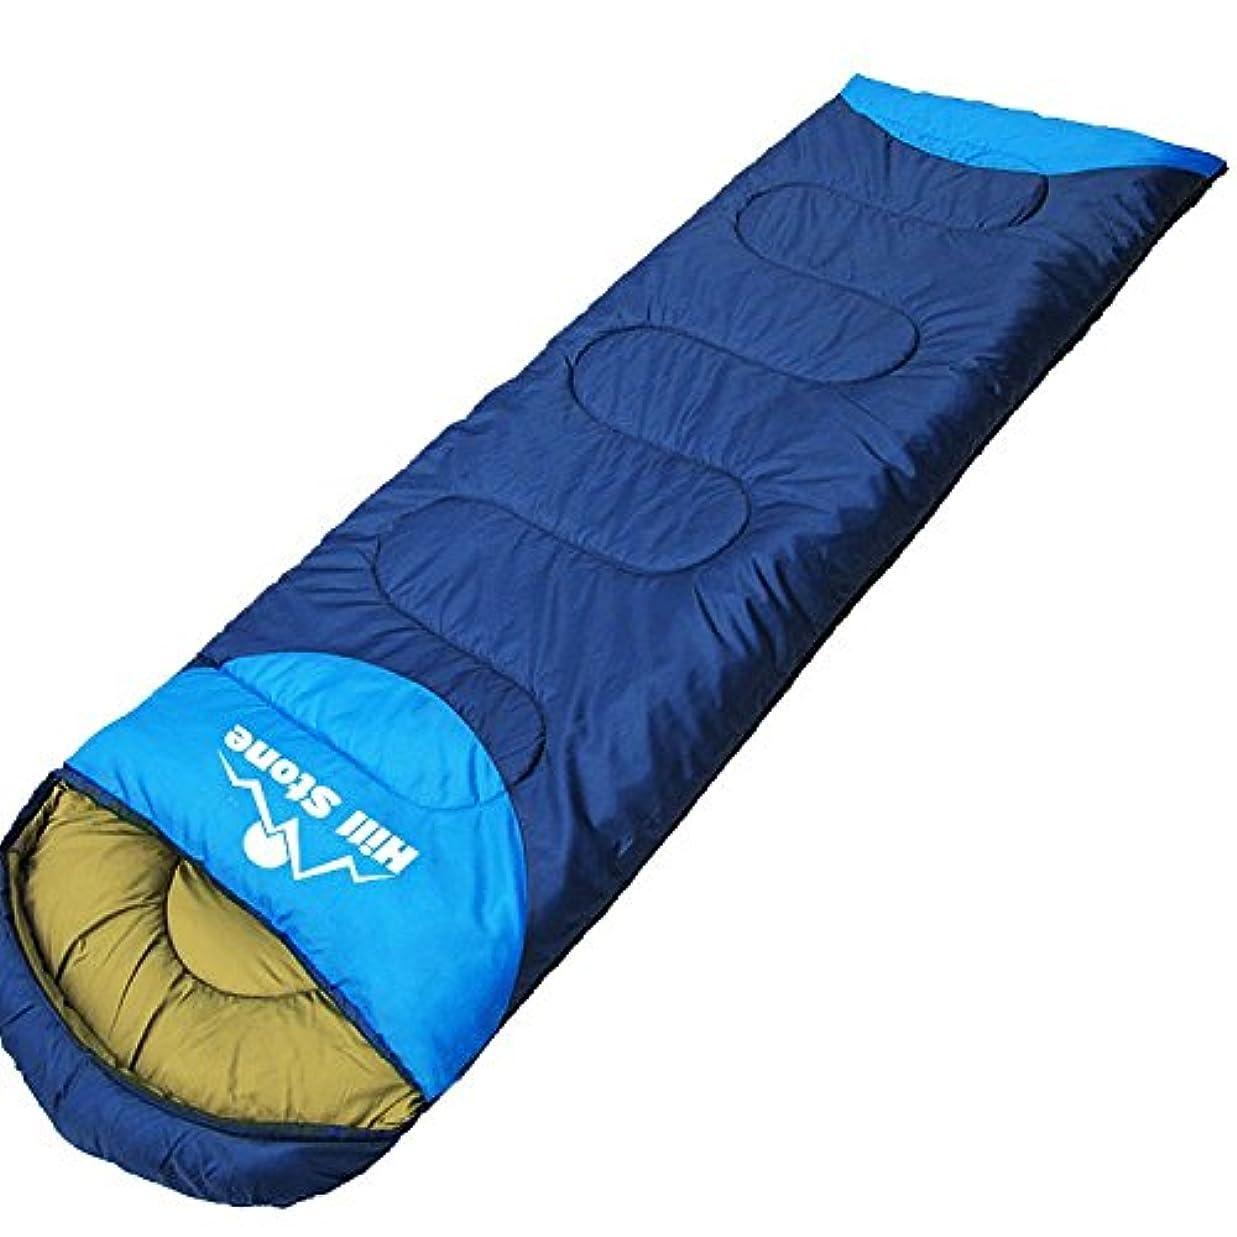 寝袋 シュラフ 封筒型 全5色 1.35kg 連結可能 耐寒温度-5度 撥水素材 収納袋付き Rサイド/Lサイド [並行輸入品]